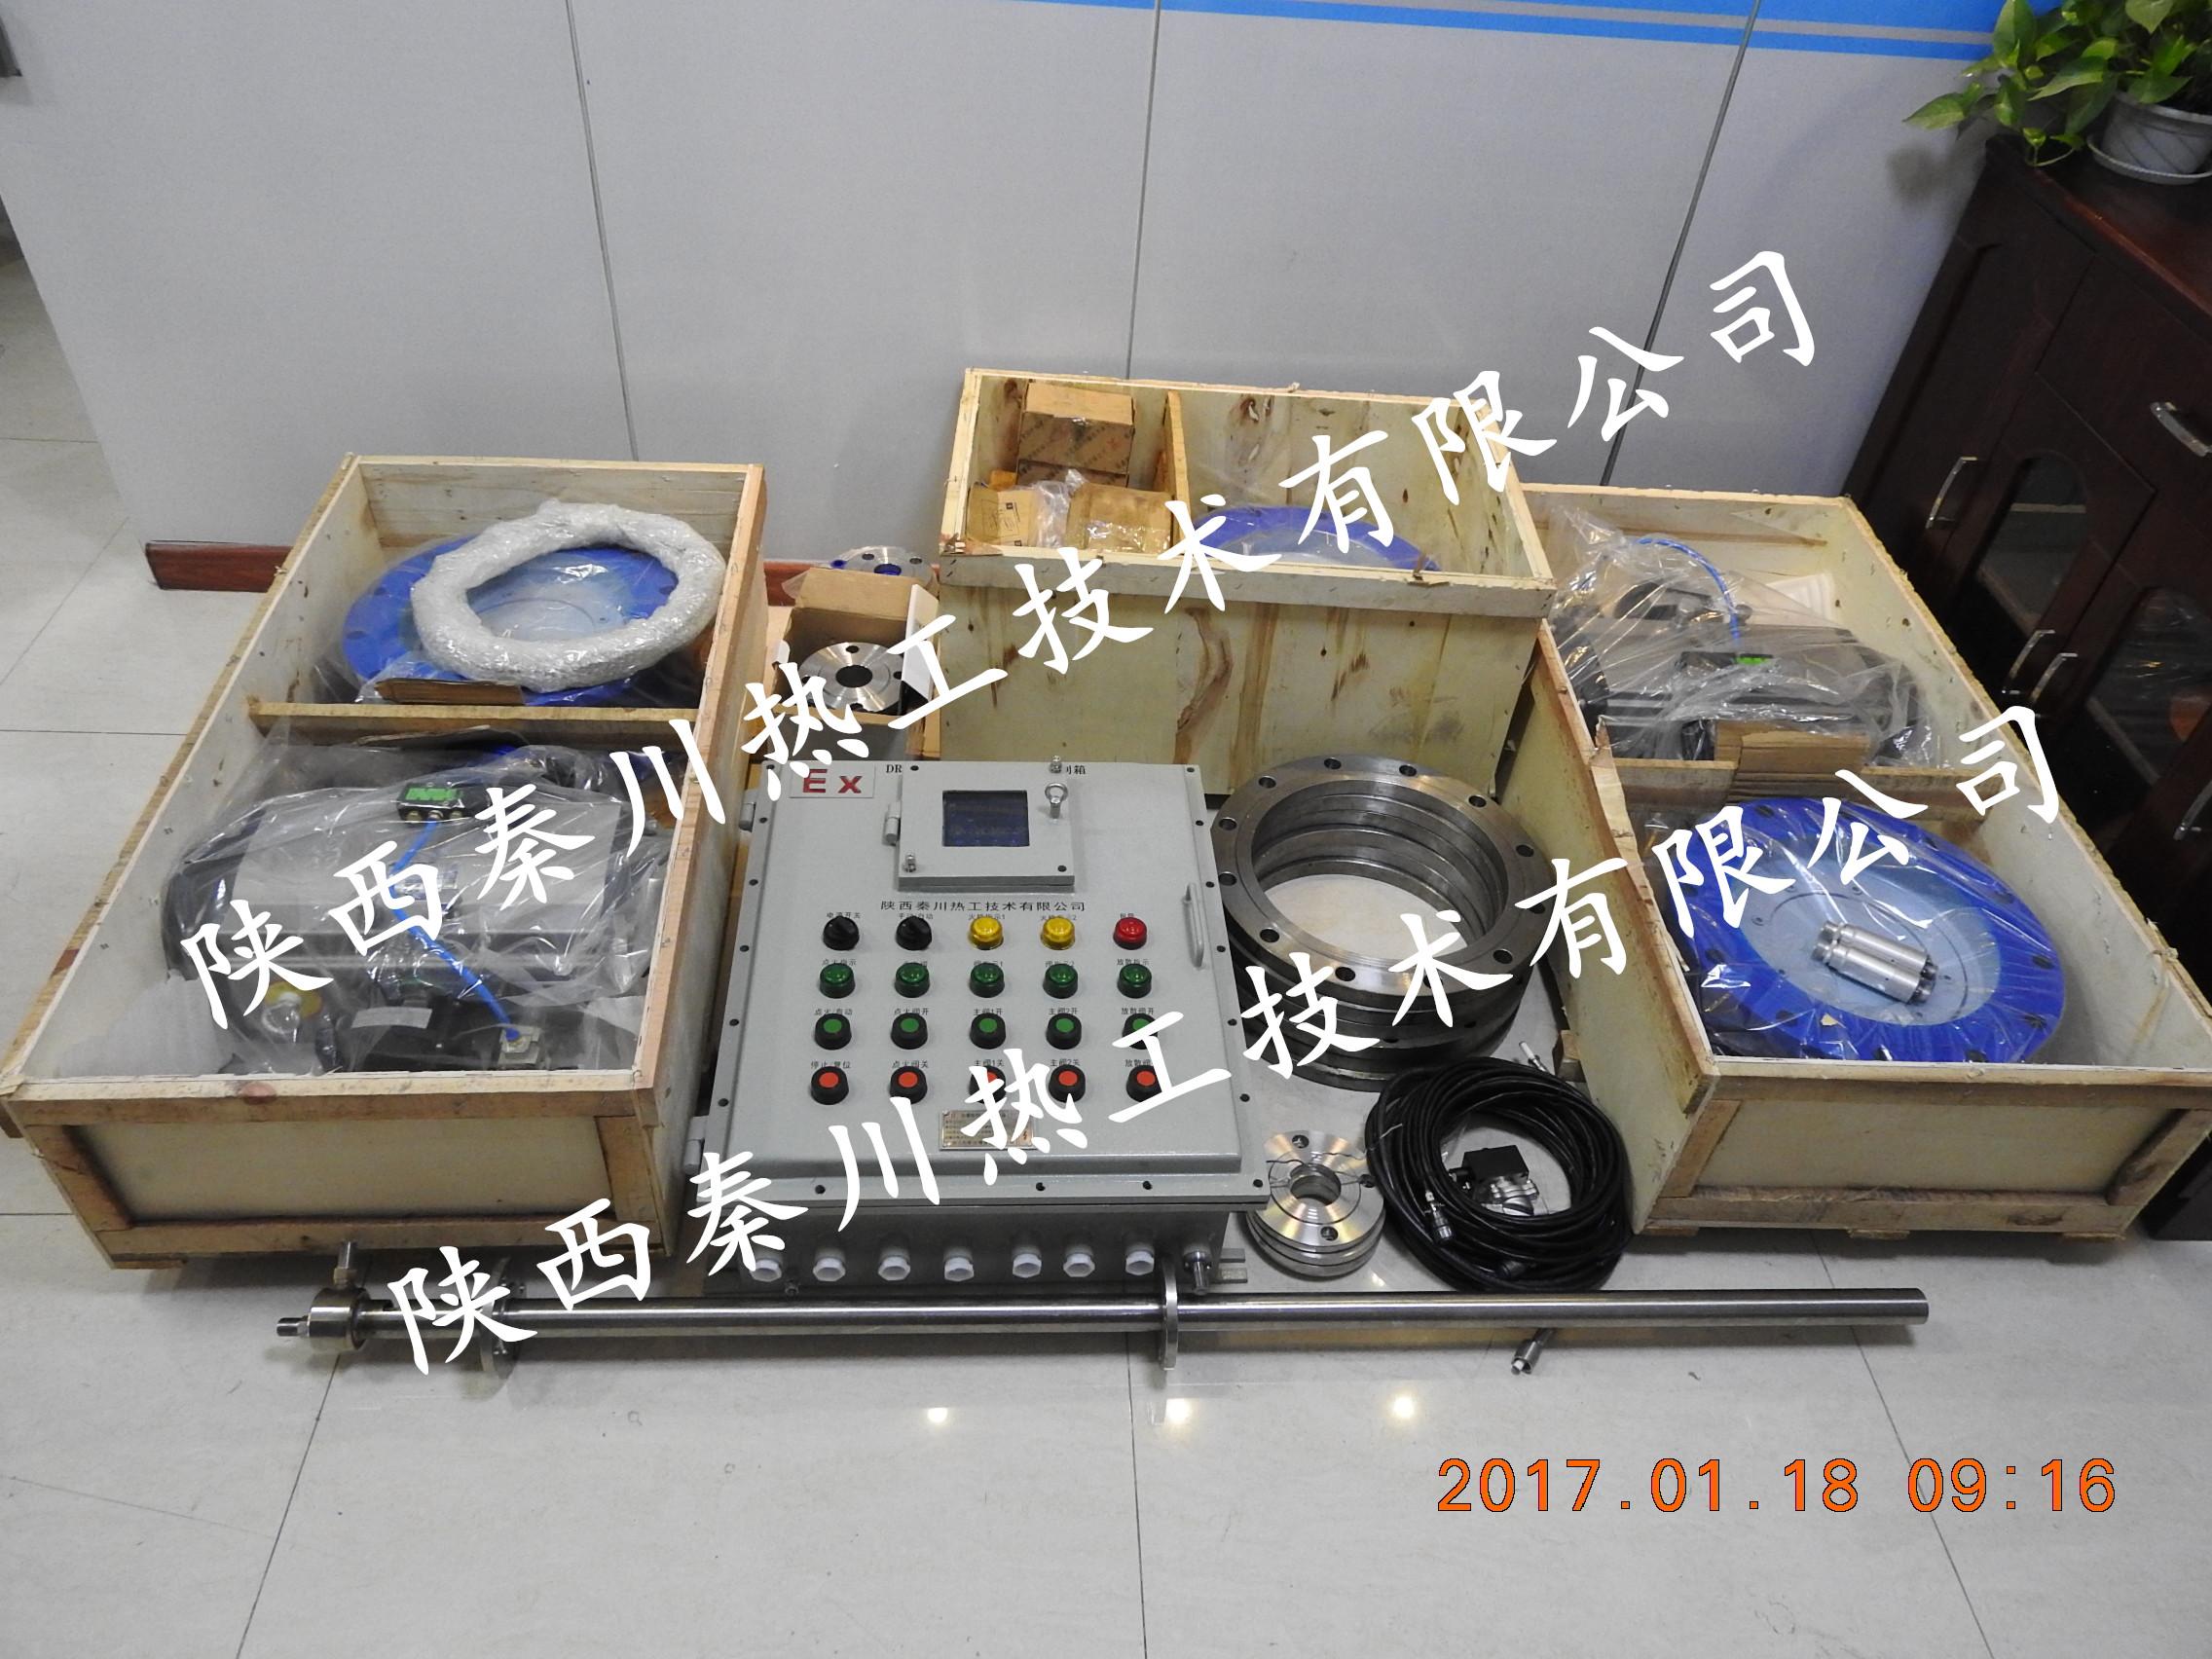 發生爐煤氣窯爐燃燒控制系統1_副本.jpg